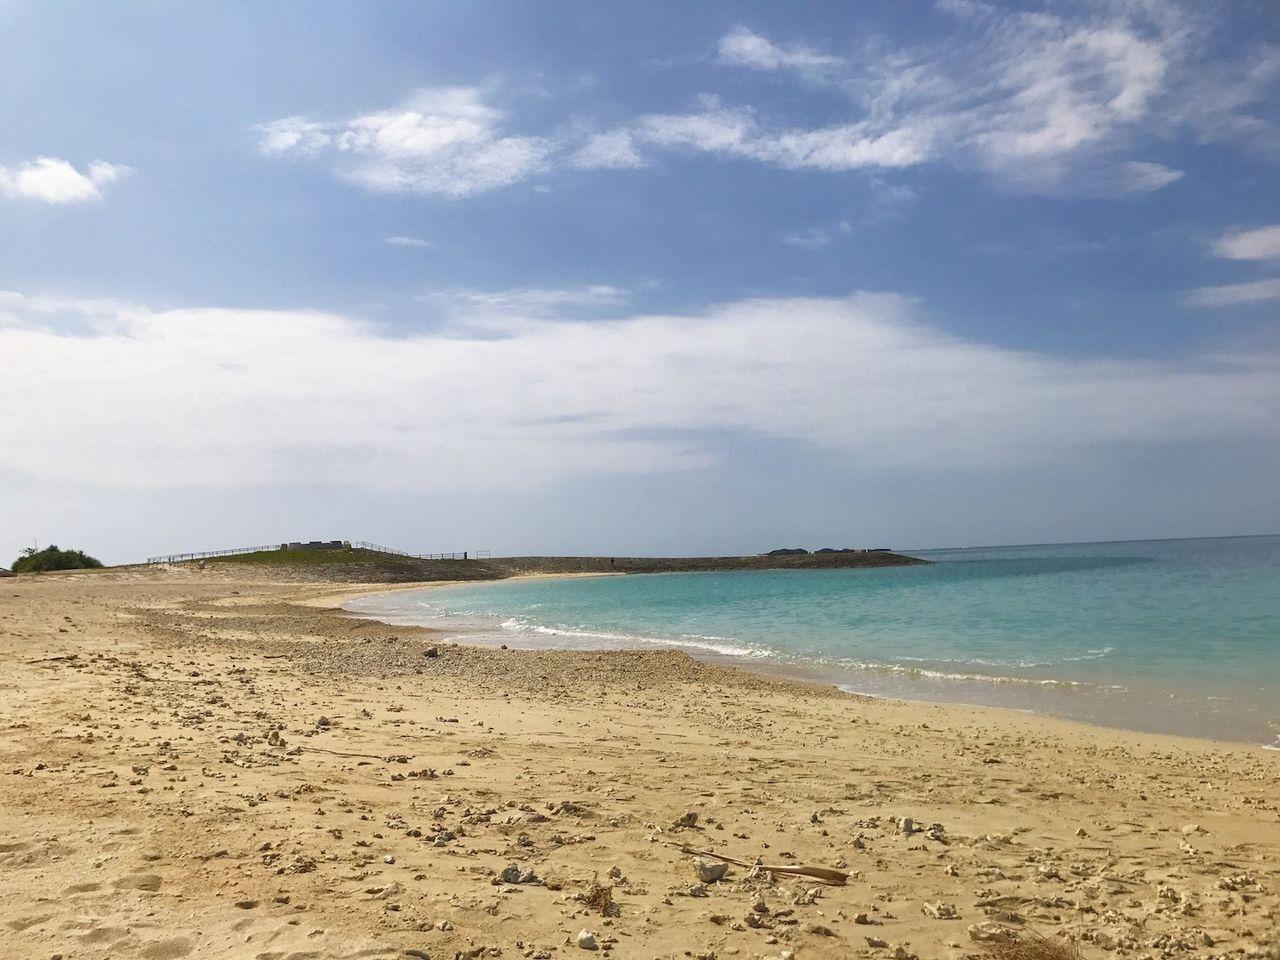 海はひろいな